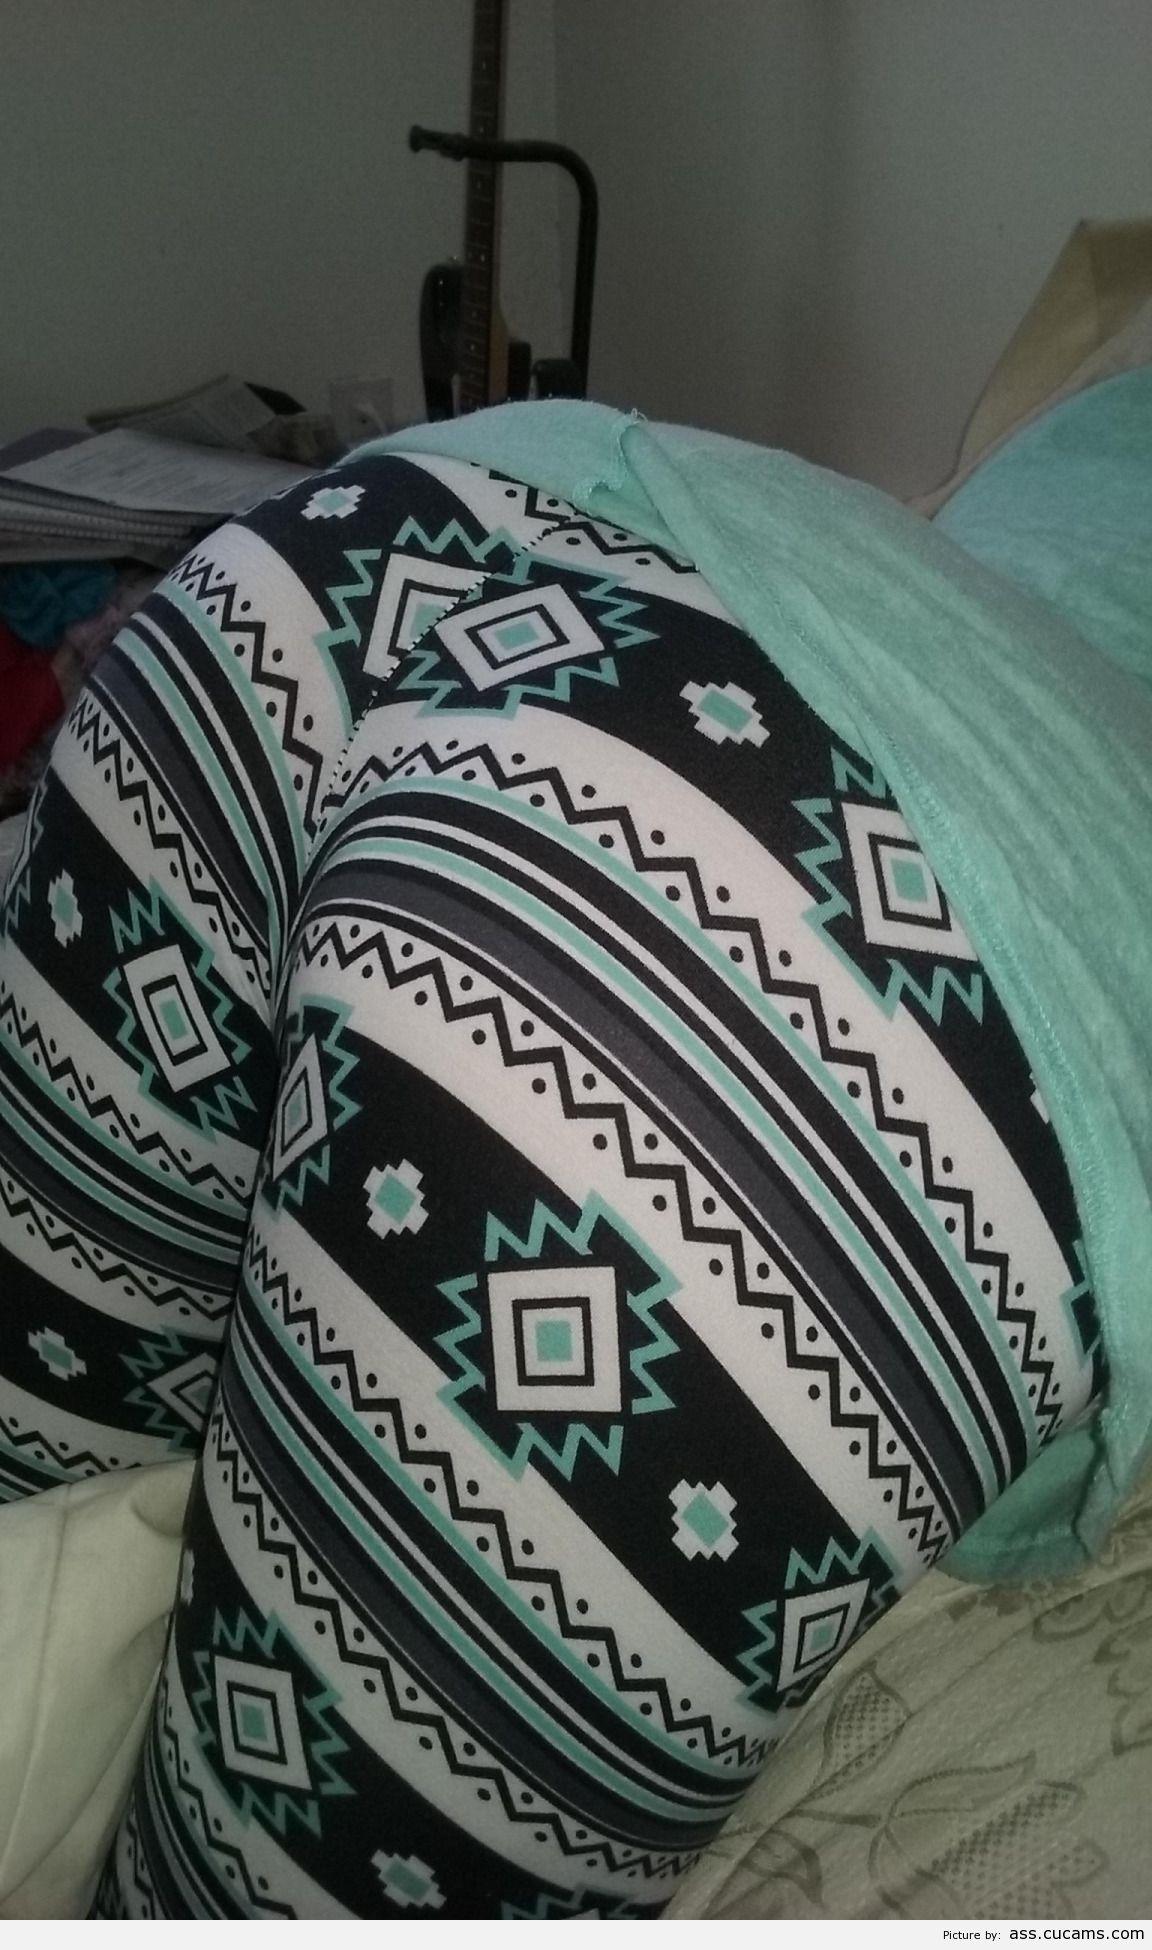 Ass Braces Bed by ass.cucams.com